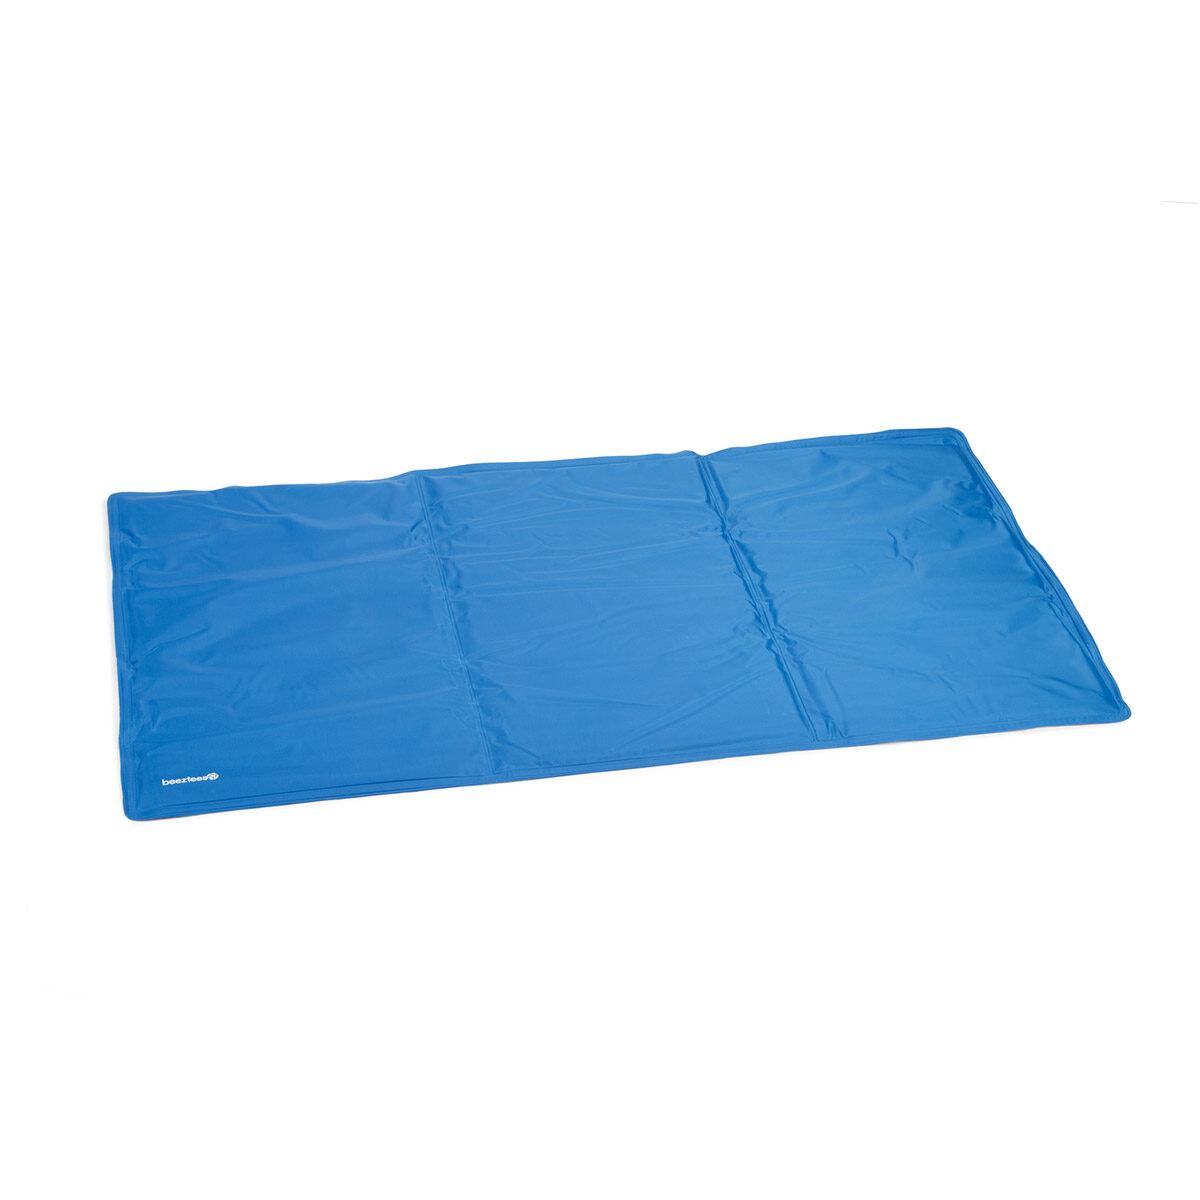 Beeztees Quick Cooler Koelmat Izi Hond Blauw 90x50 cm - in Hondenmanden & Hondenkussens